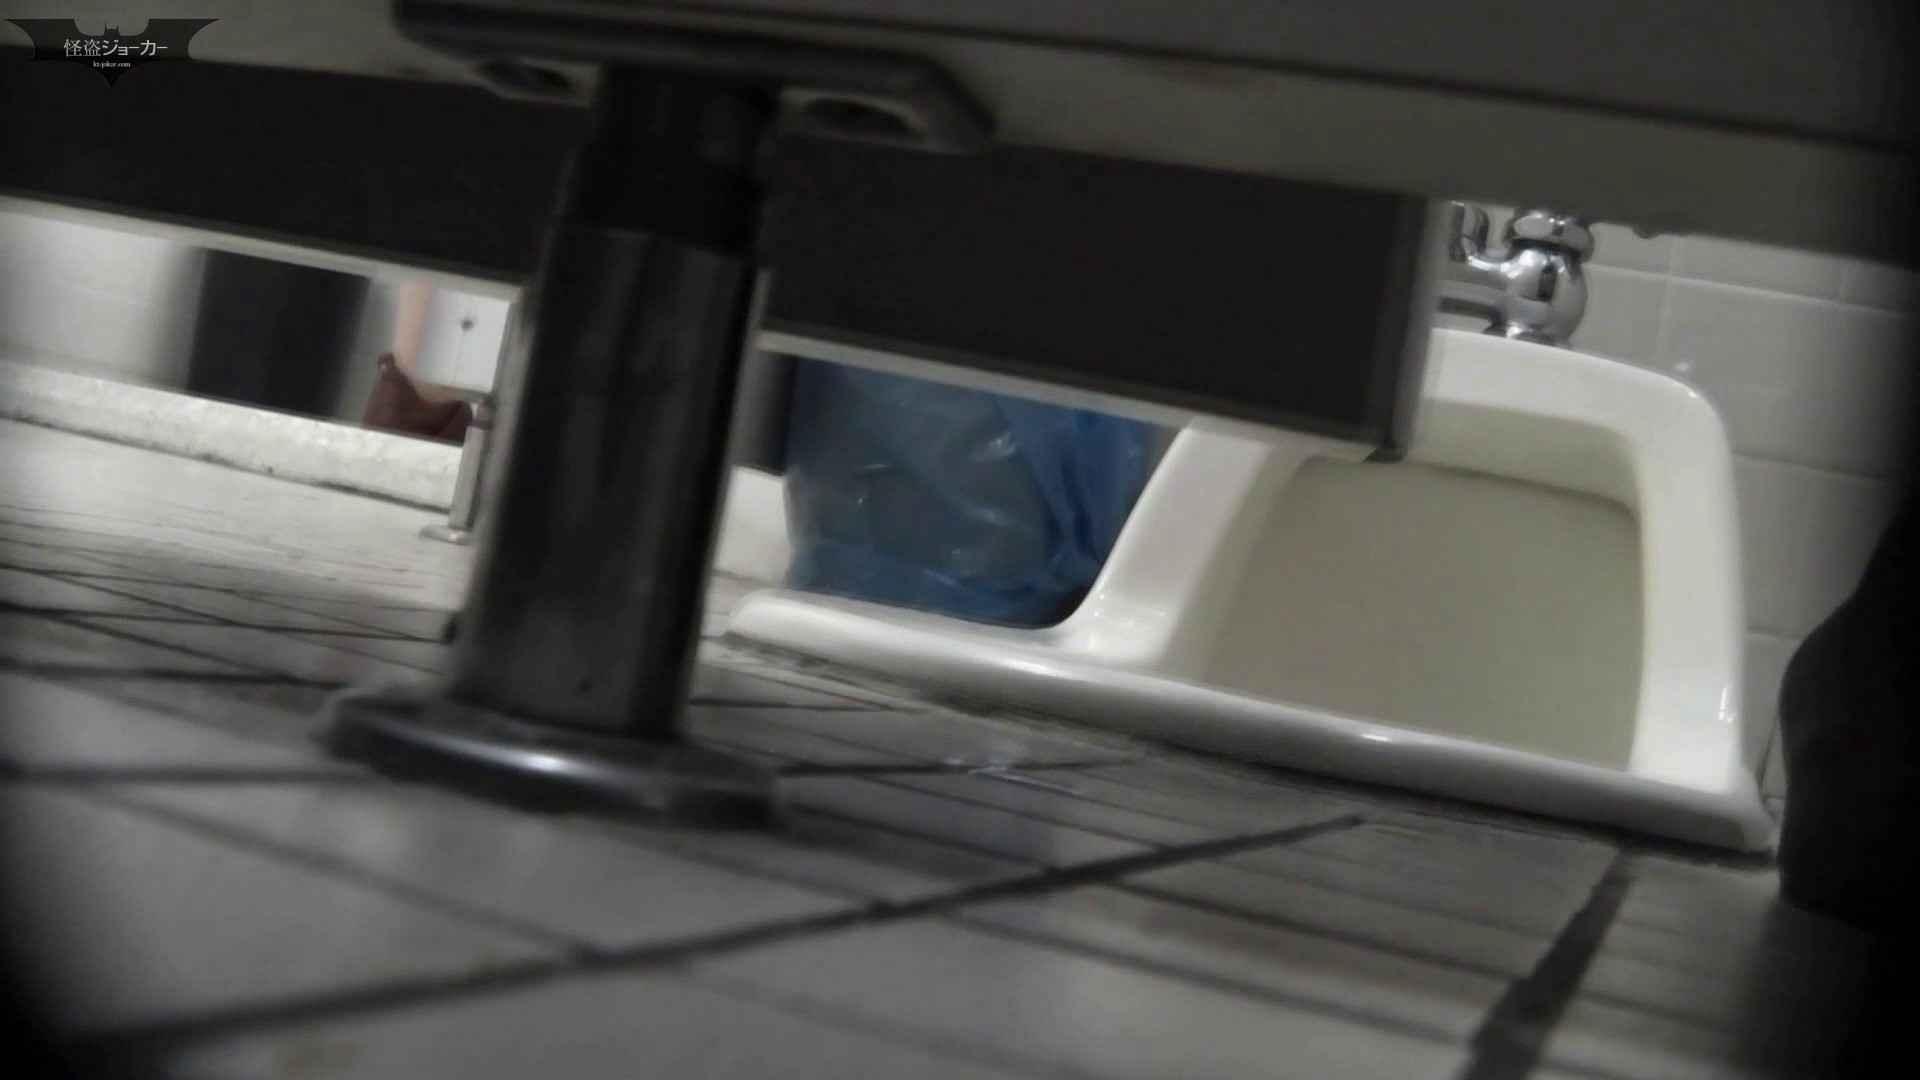 お銀さんの「洗面所突入レポート!!」 vol.51 突入最前線!おまけ付き エッチなOL 隠し撮りオマンコ動画紹介 96枚 89